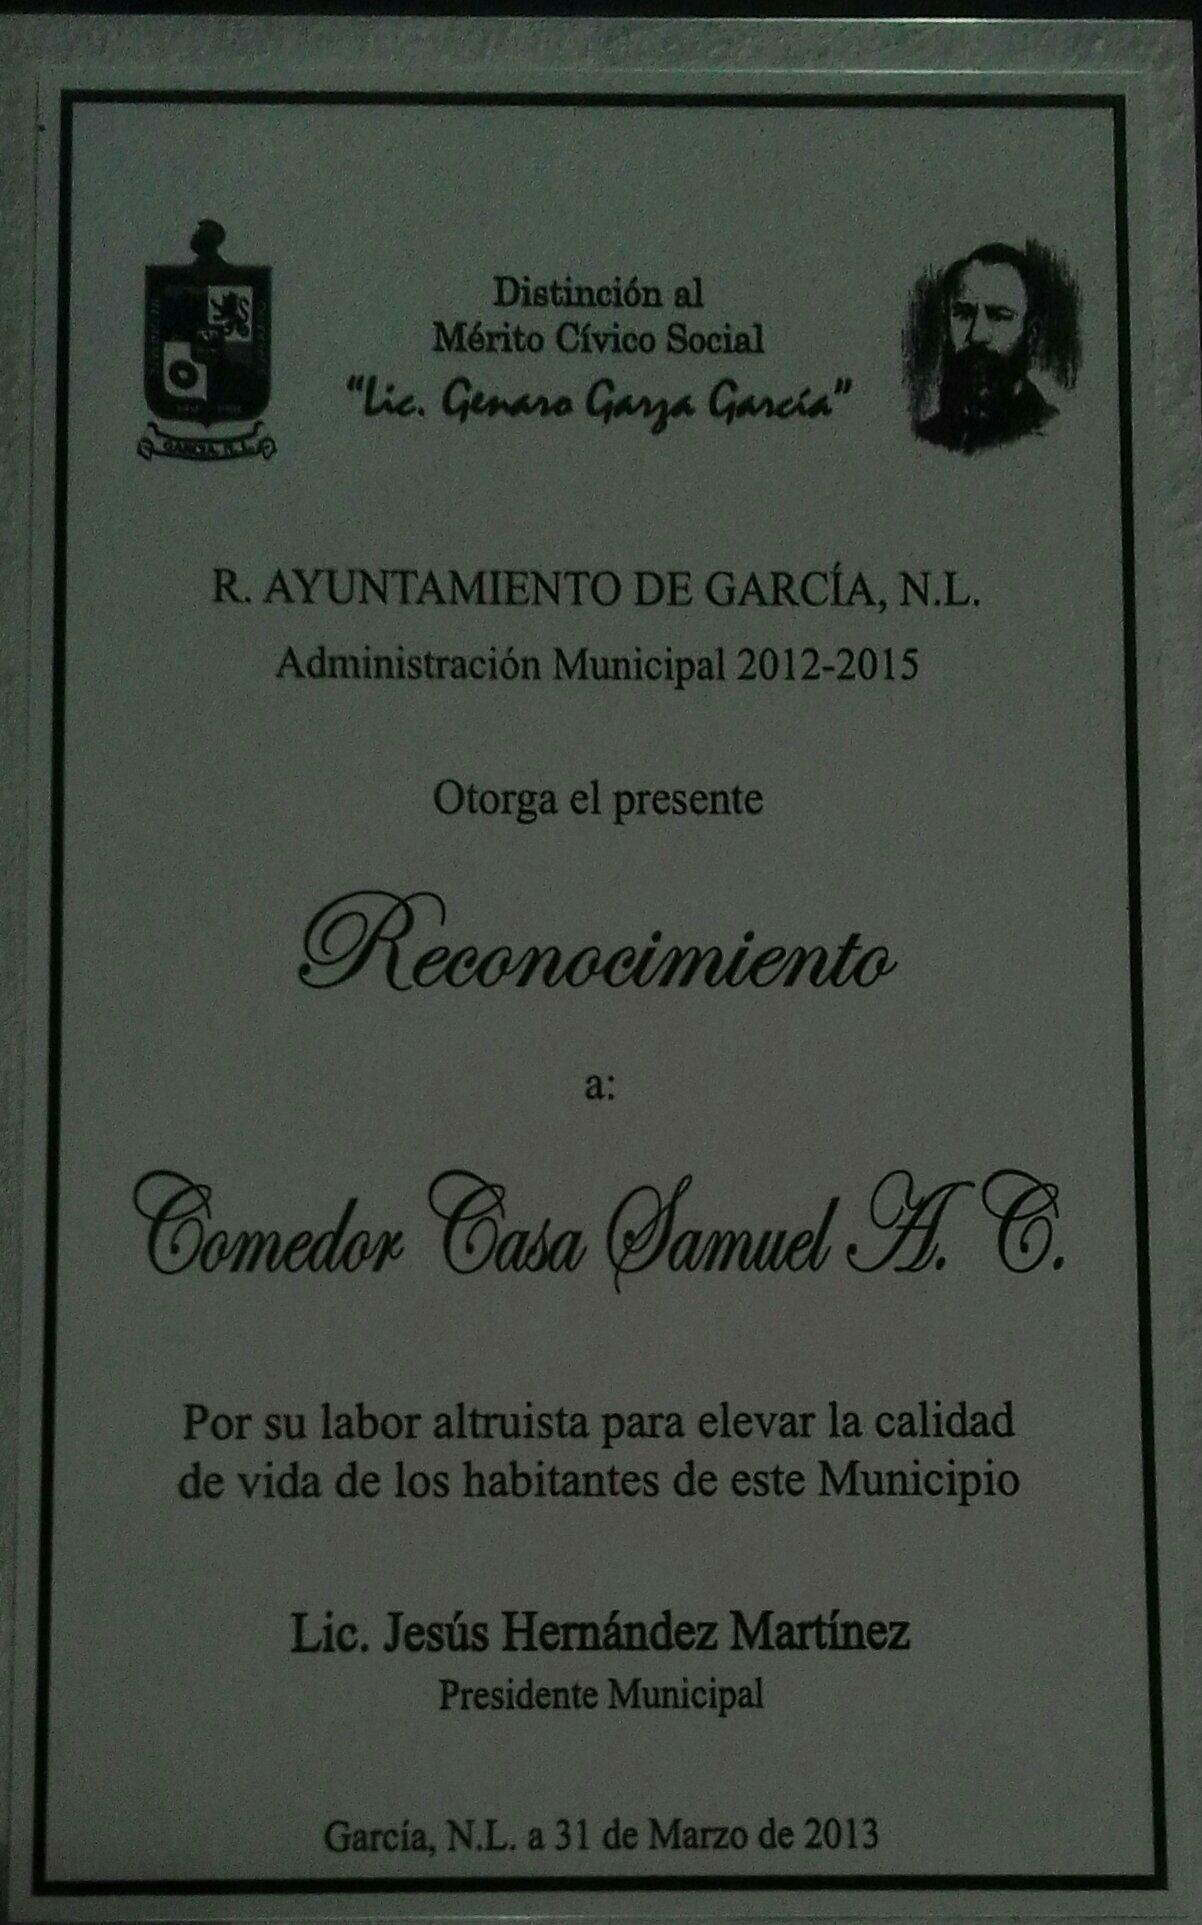 DISTINCION AL MERITO CIVICO AYUNTAMIENTO GARCIA N.L. 2013